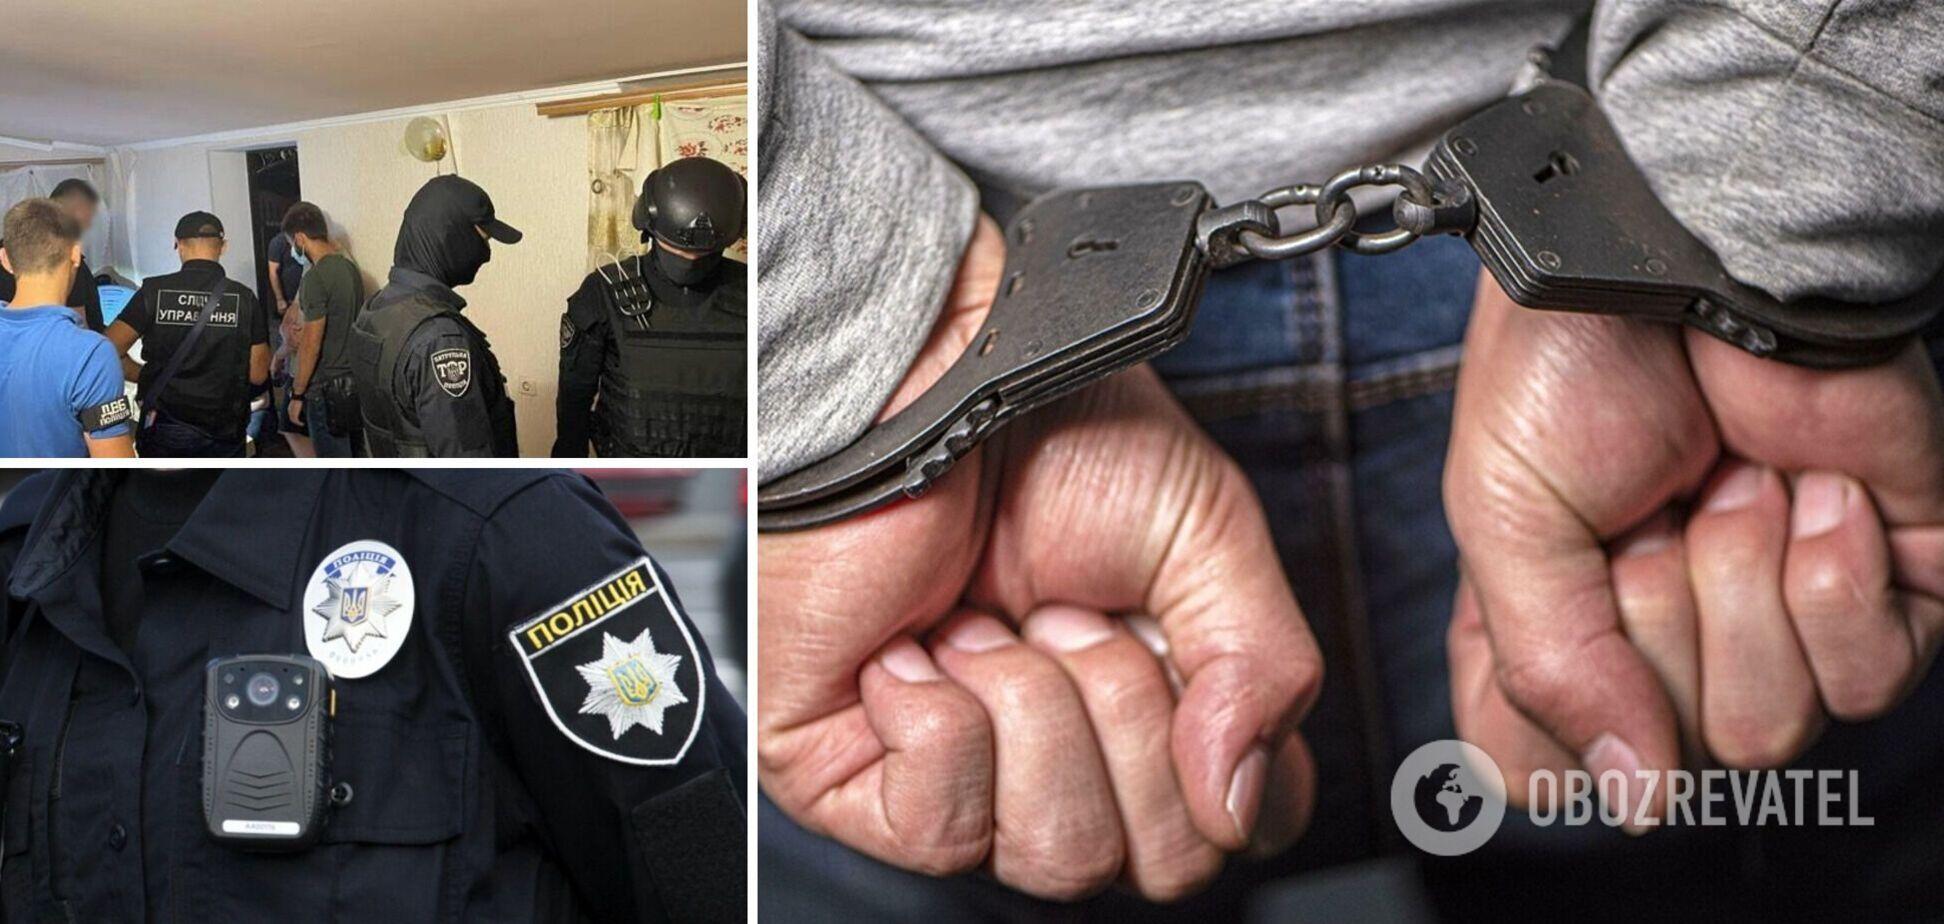 На Одесчине предотвратили вооруженное нападение на главу ОТГ: преступников поймали на горячем. Фото